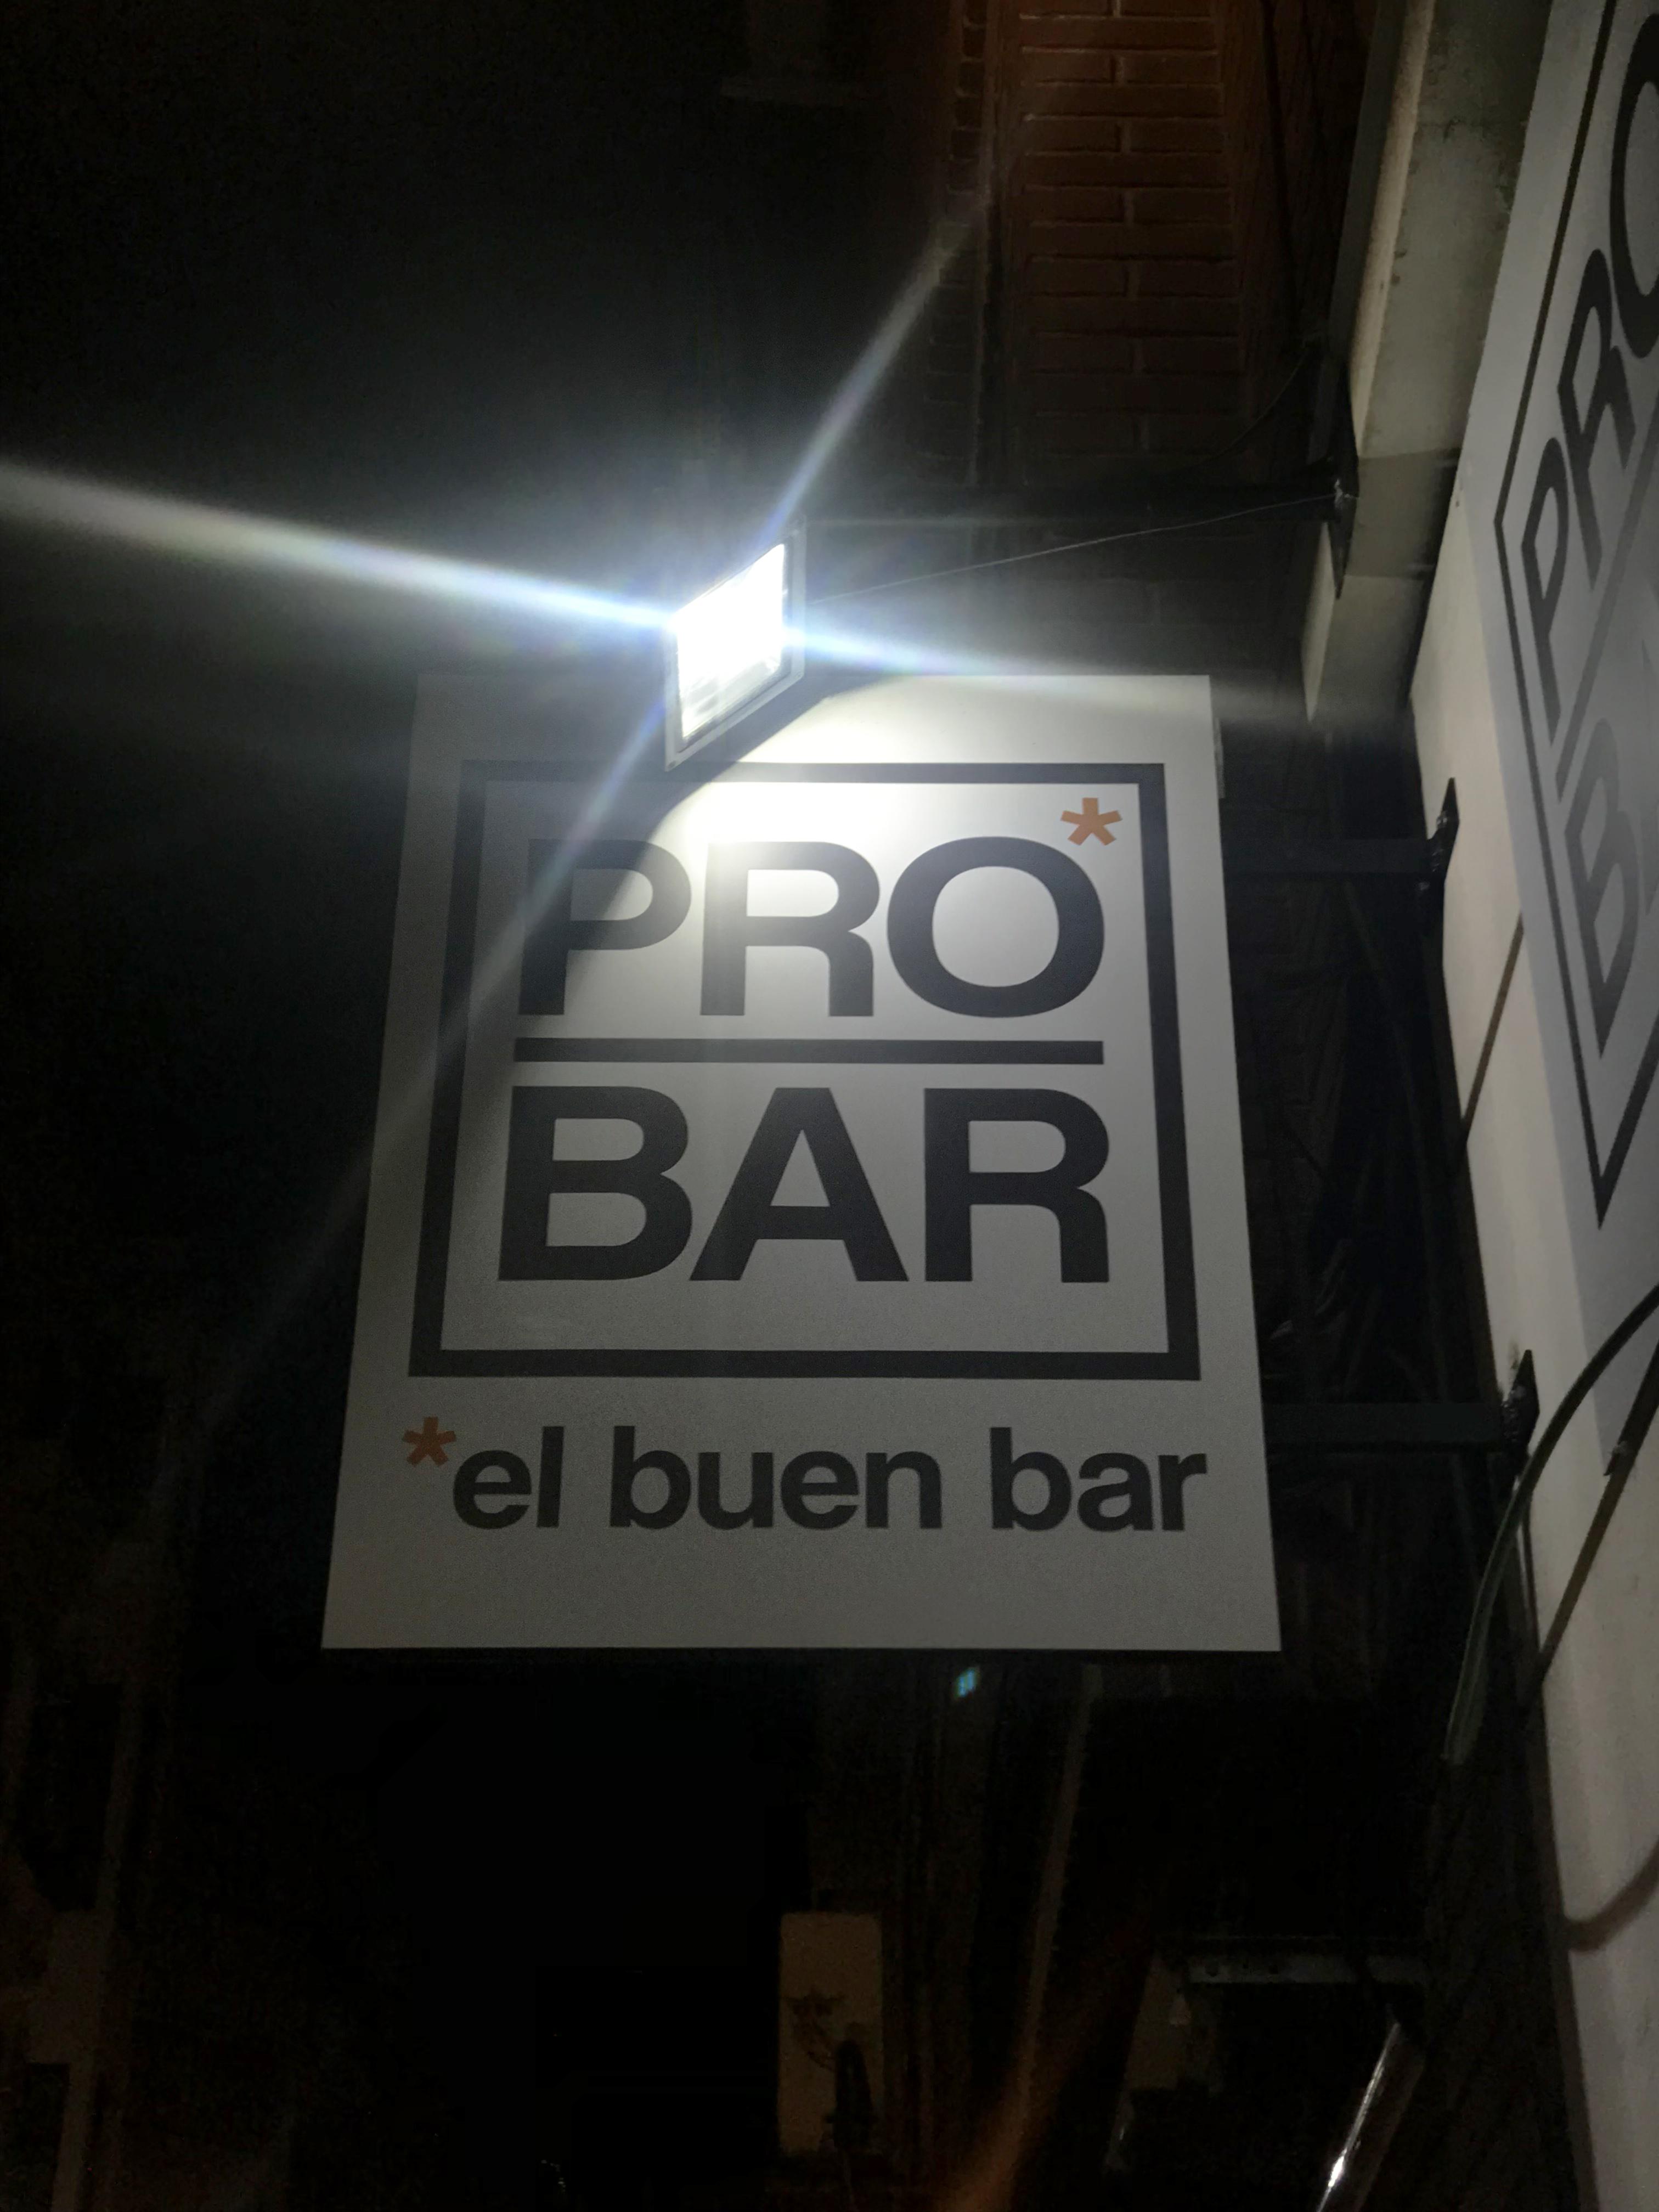 Probar – El buen bar en la calle bazán